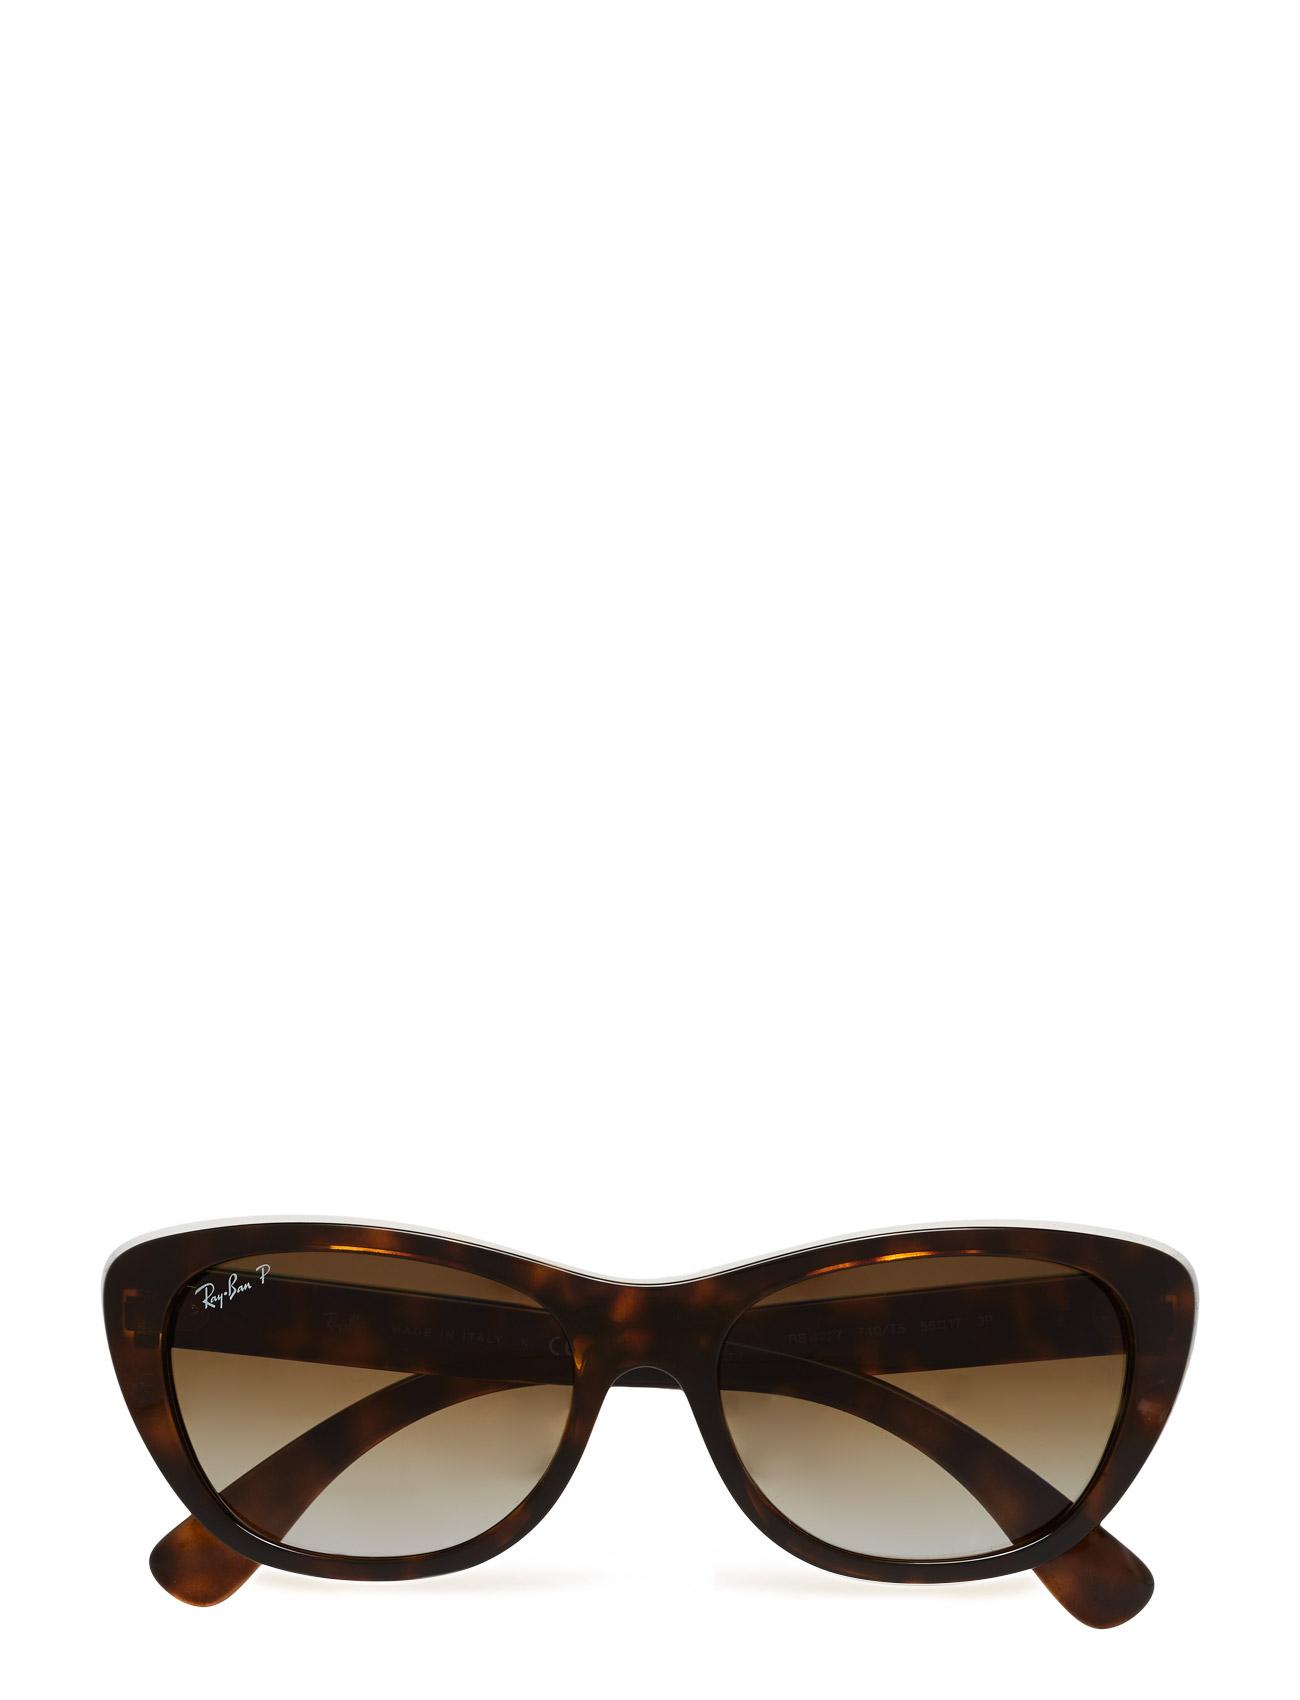 Highstreet Ray-Ban Solbriller til Kvinder i